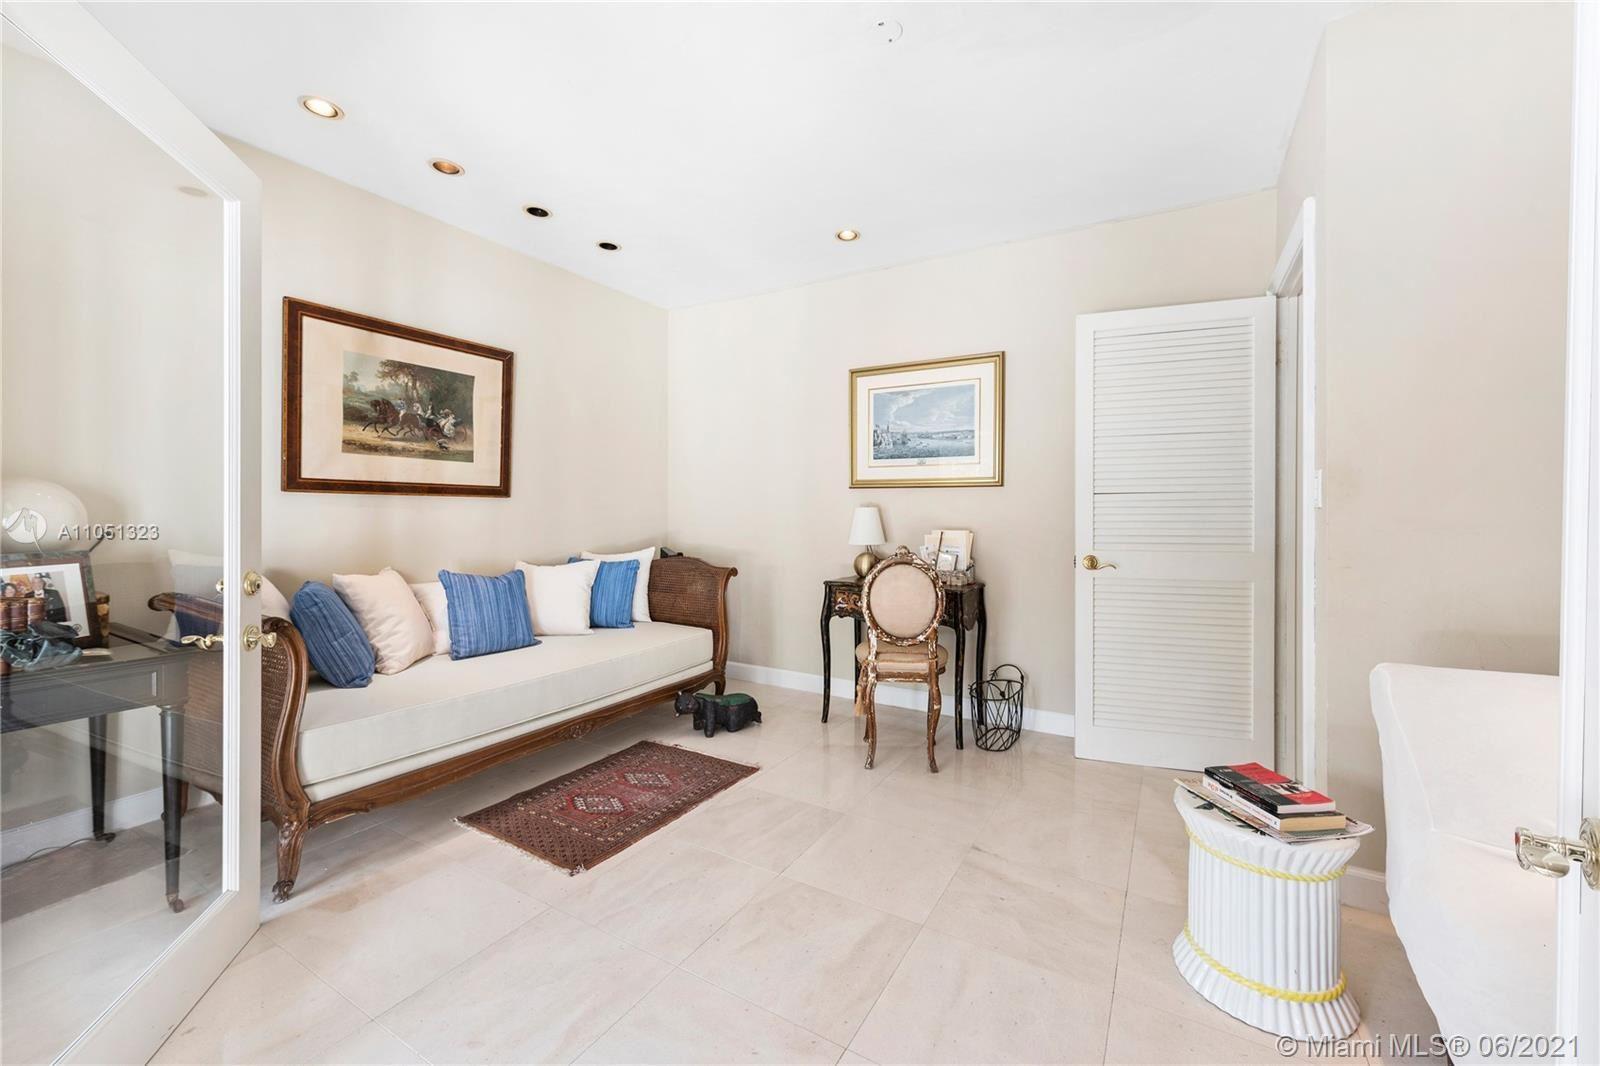 1229 Andora Ave, Coral Gables, FL 33146 - #: A11051323